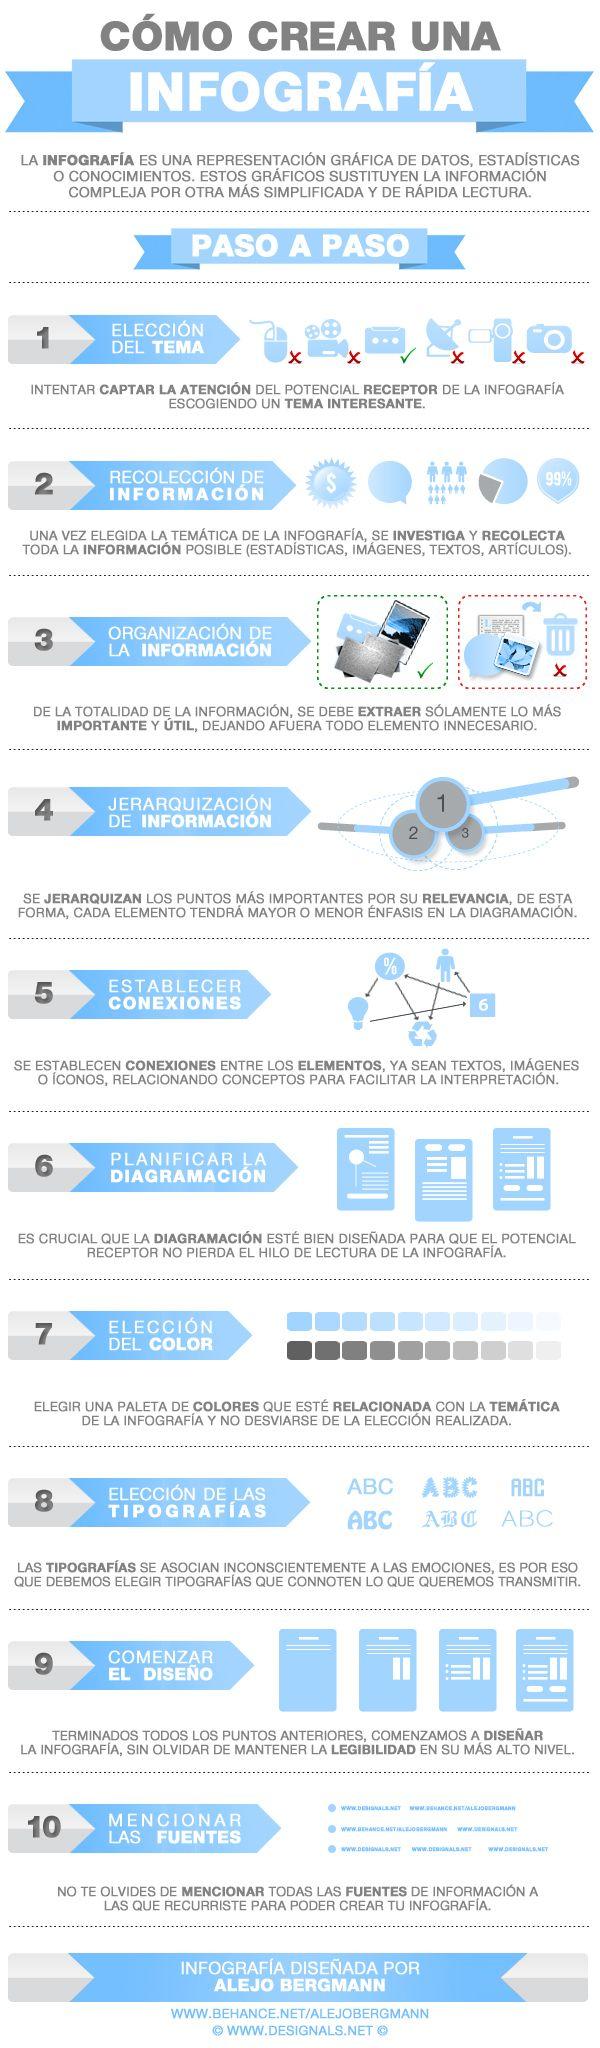 #infografia de cómo crear una #infografia La #infografía es una representación gráfica de datos, que nos facilitan la lectura y comprensión de los mismos ¿Qué pasos deberías seguir a la hora de crearla?